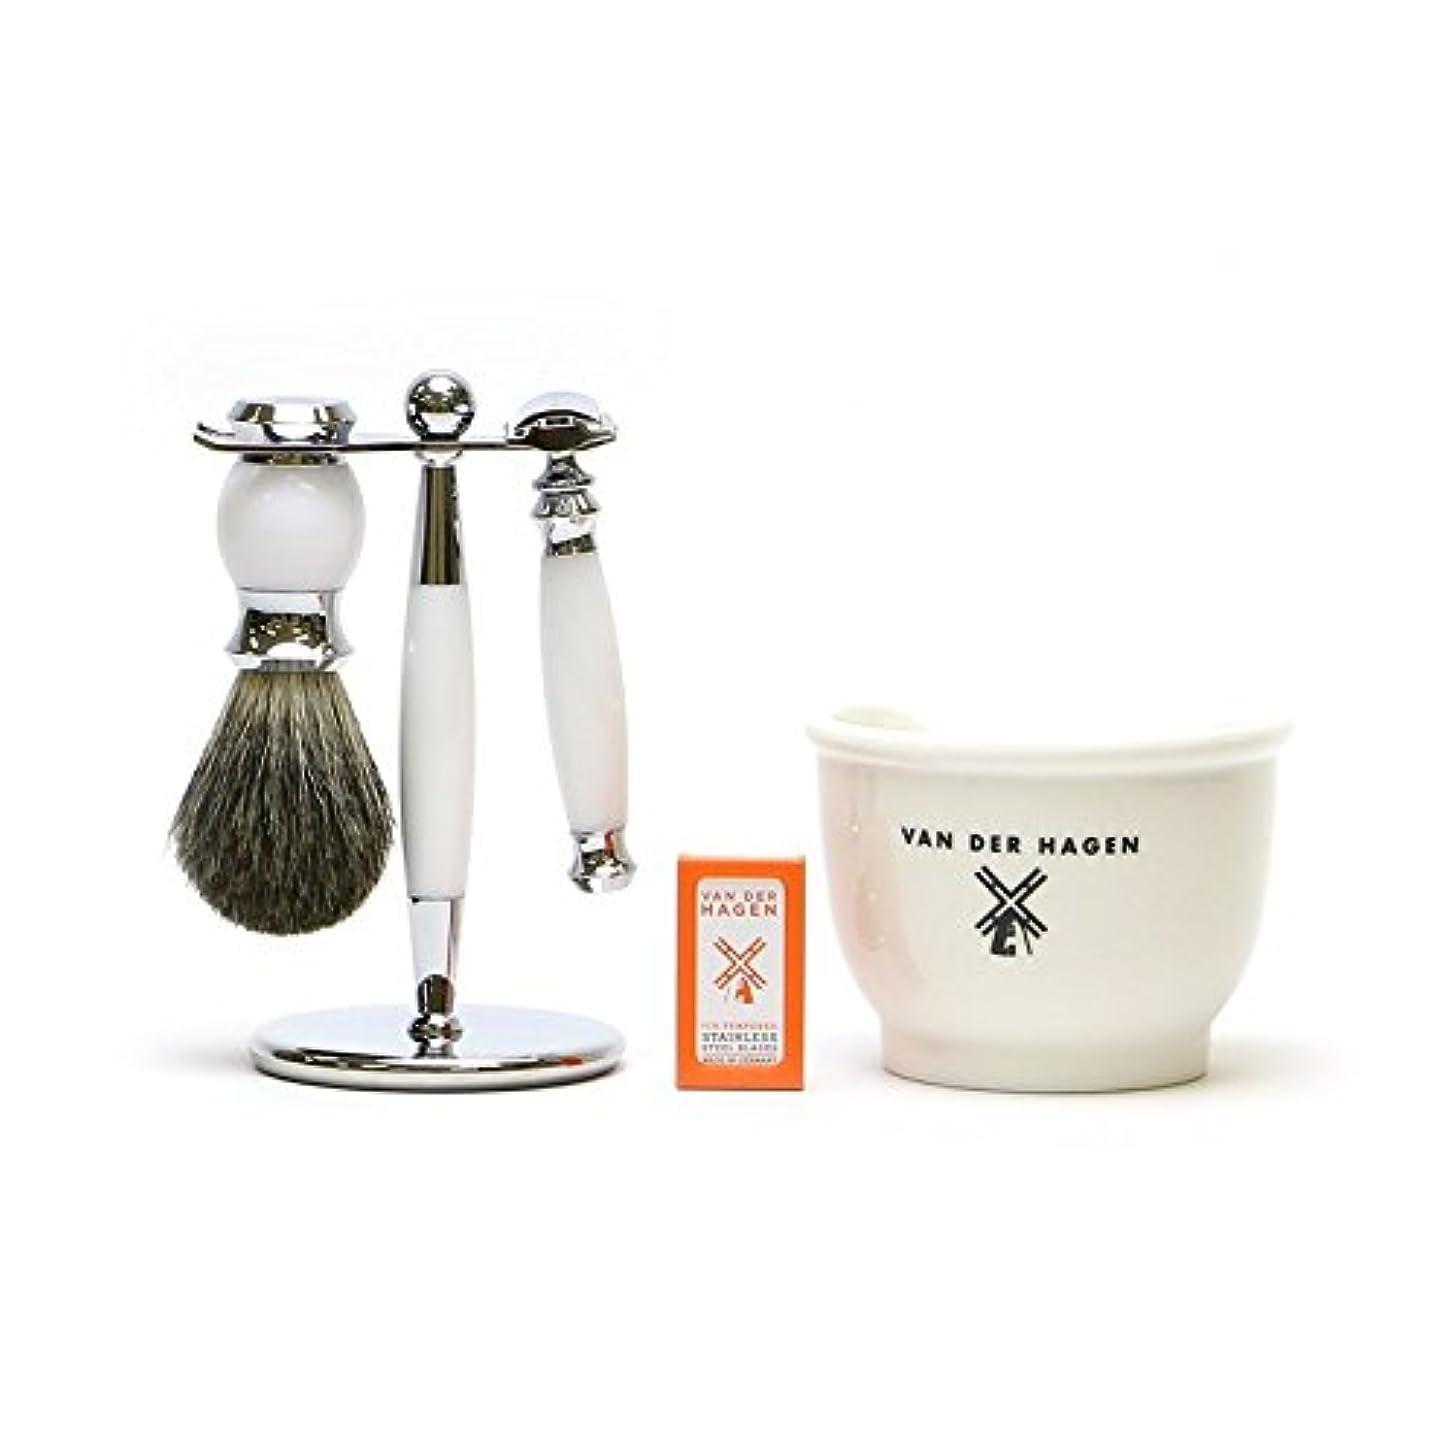 提供代数的息苦しいVANDERHAGEN(米) ウェットシェービングセット ホワイトライト 両刃 髭剃り 替刃5枚付